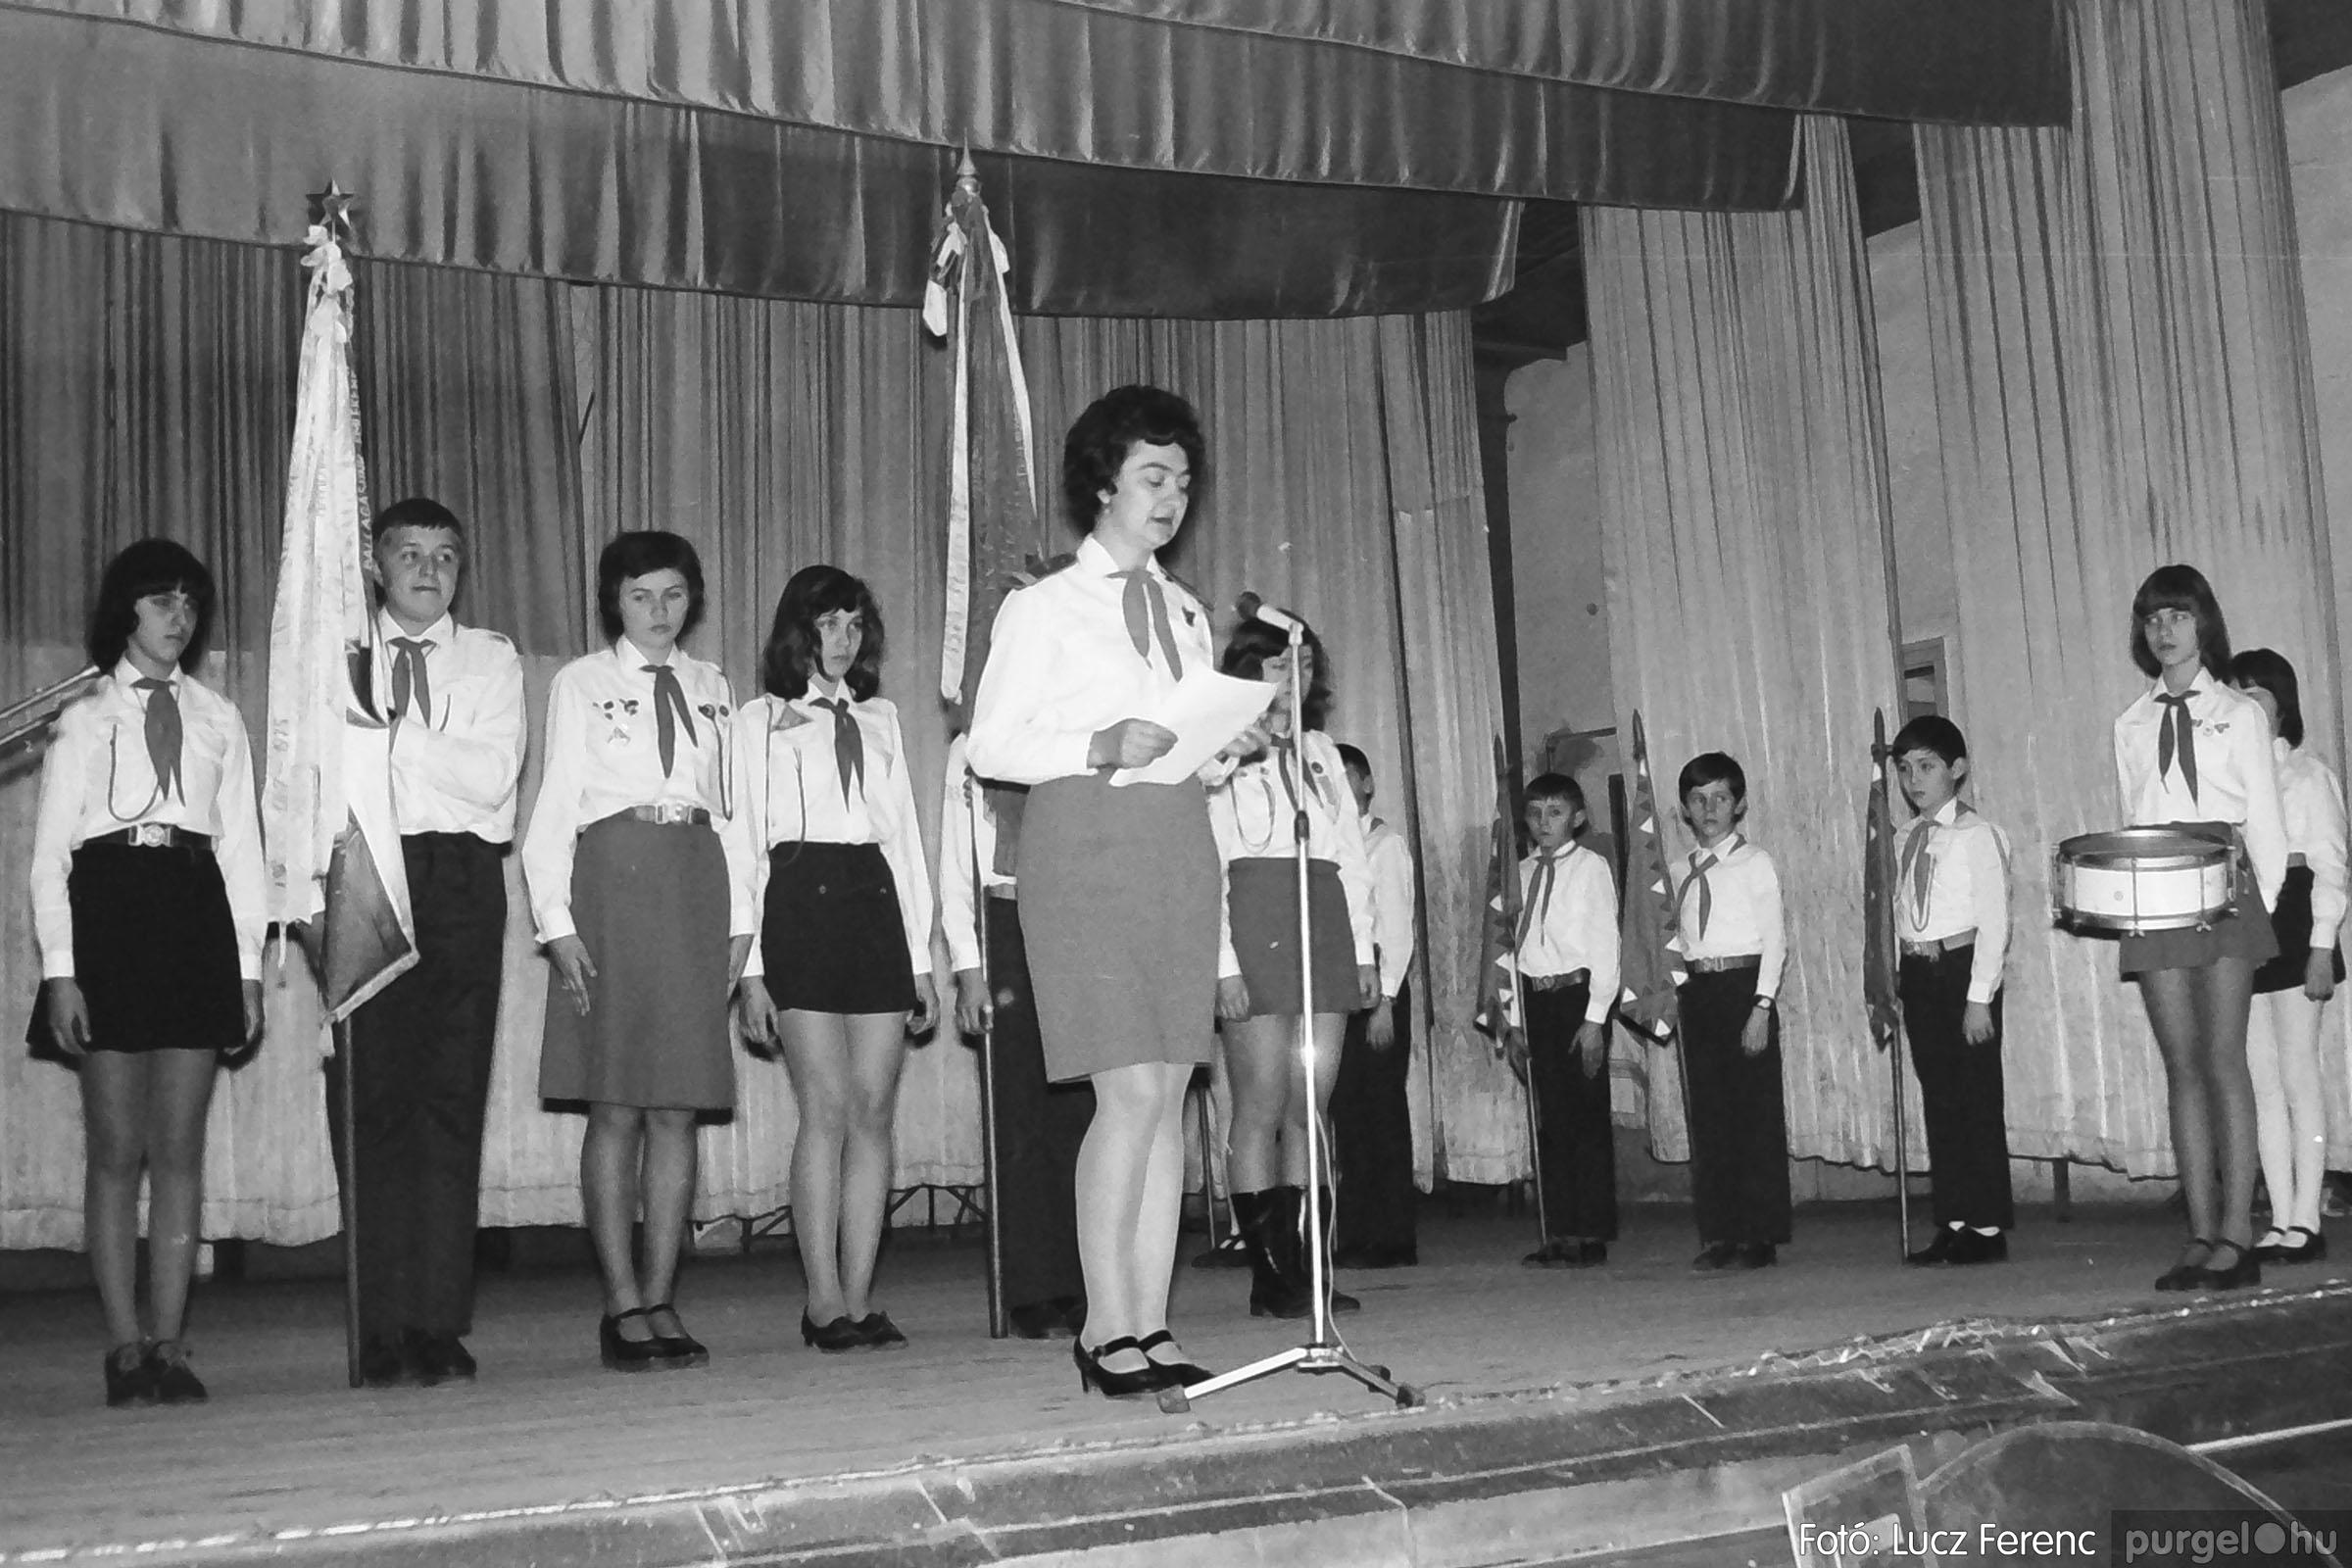 036-037. 1976. Diákprogram a kultúrházban 002 - Fotó: Lucz Ferenc.jpg